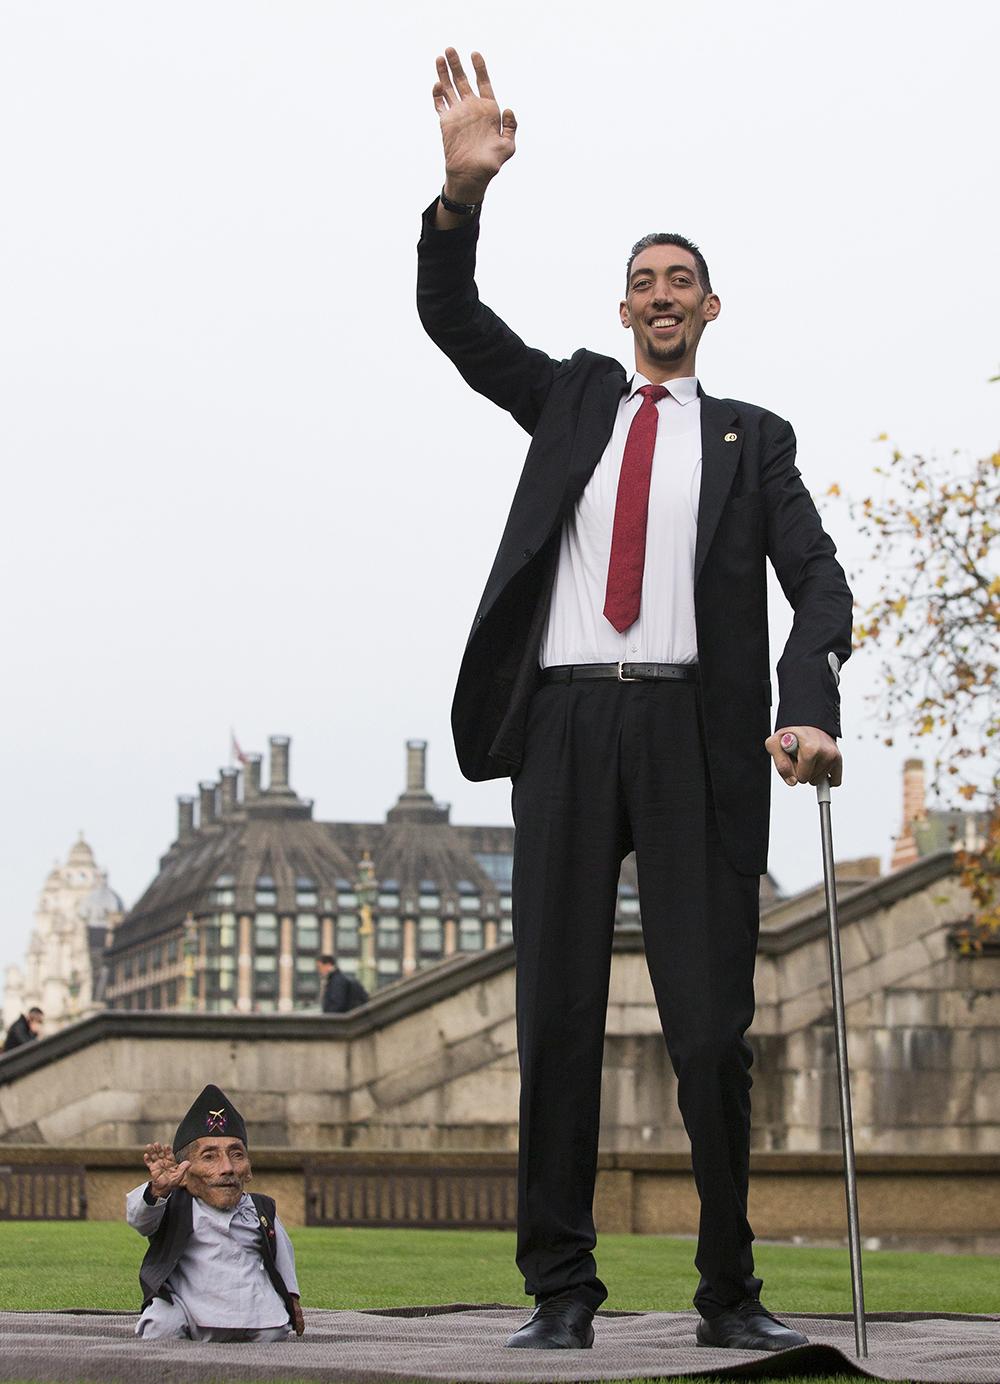 صورة اطول رجل وامراة في العالم , صور رجال ونساء اصحاب قامه فريده من نوعها